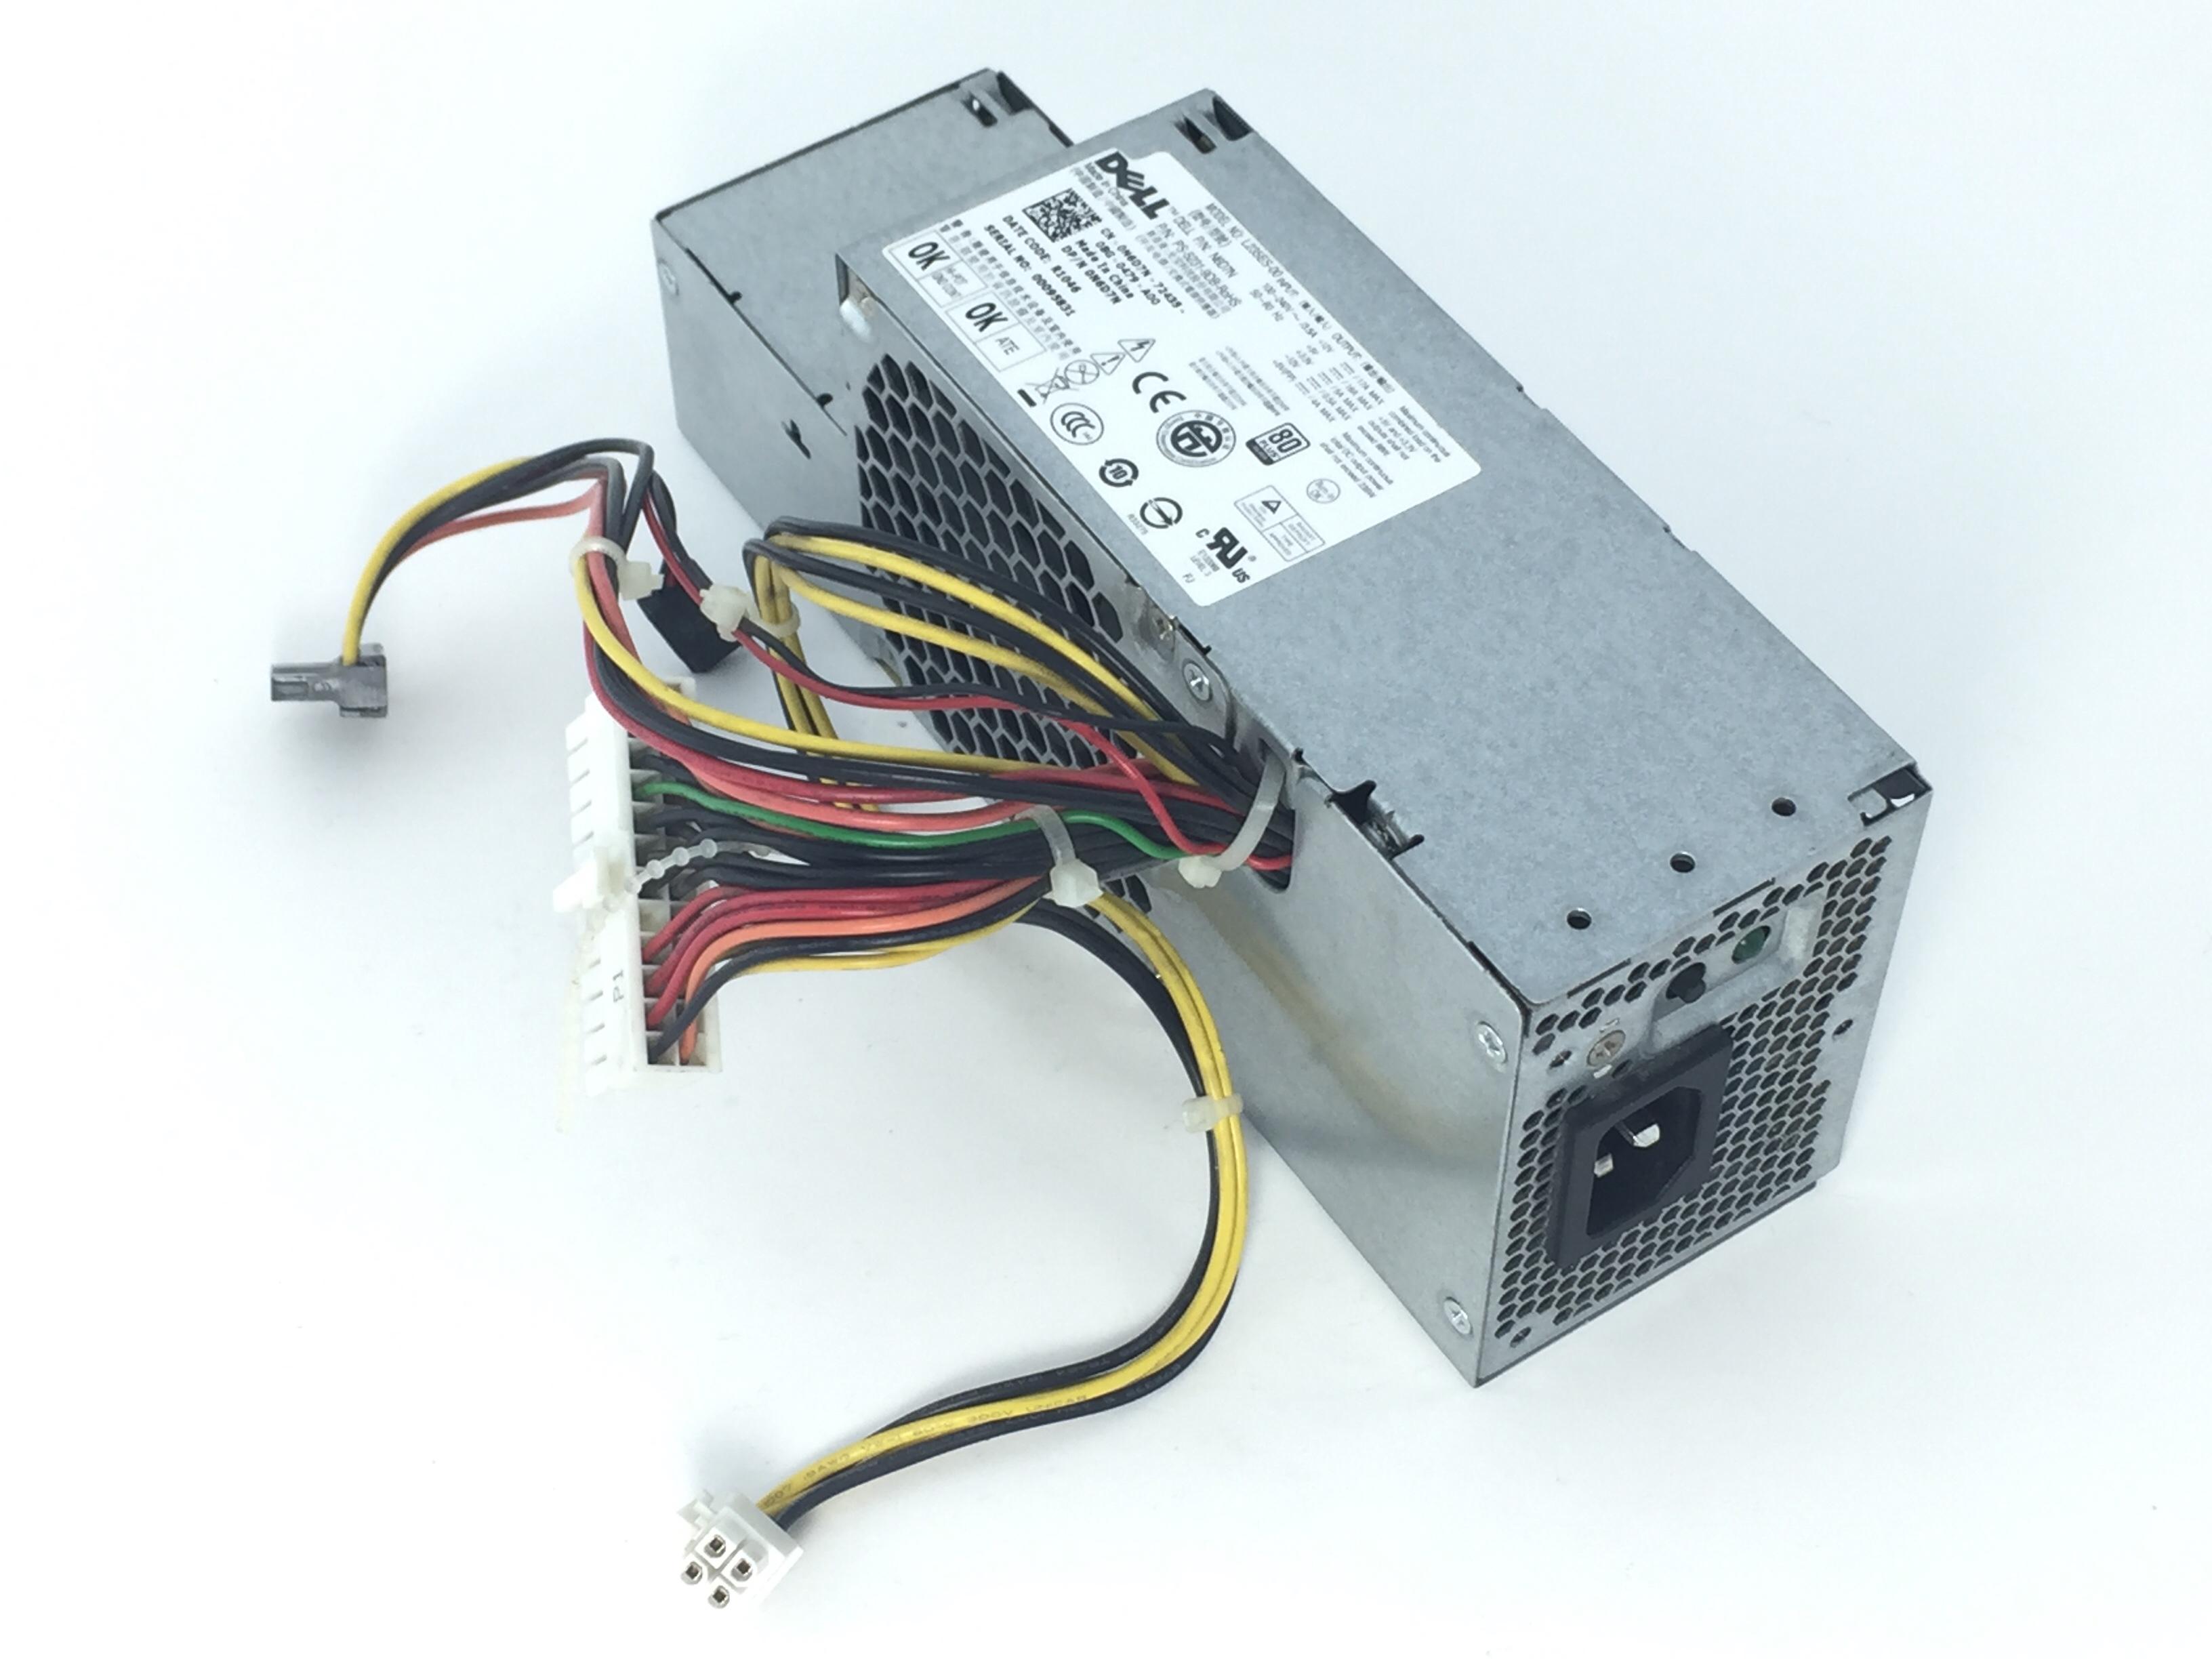 Dell Precision T7500 1100W Power Supply (G821T)